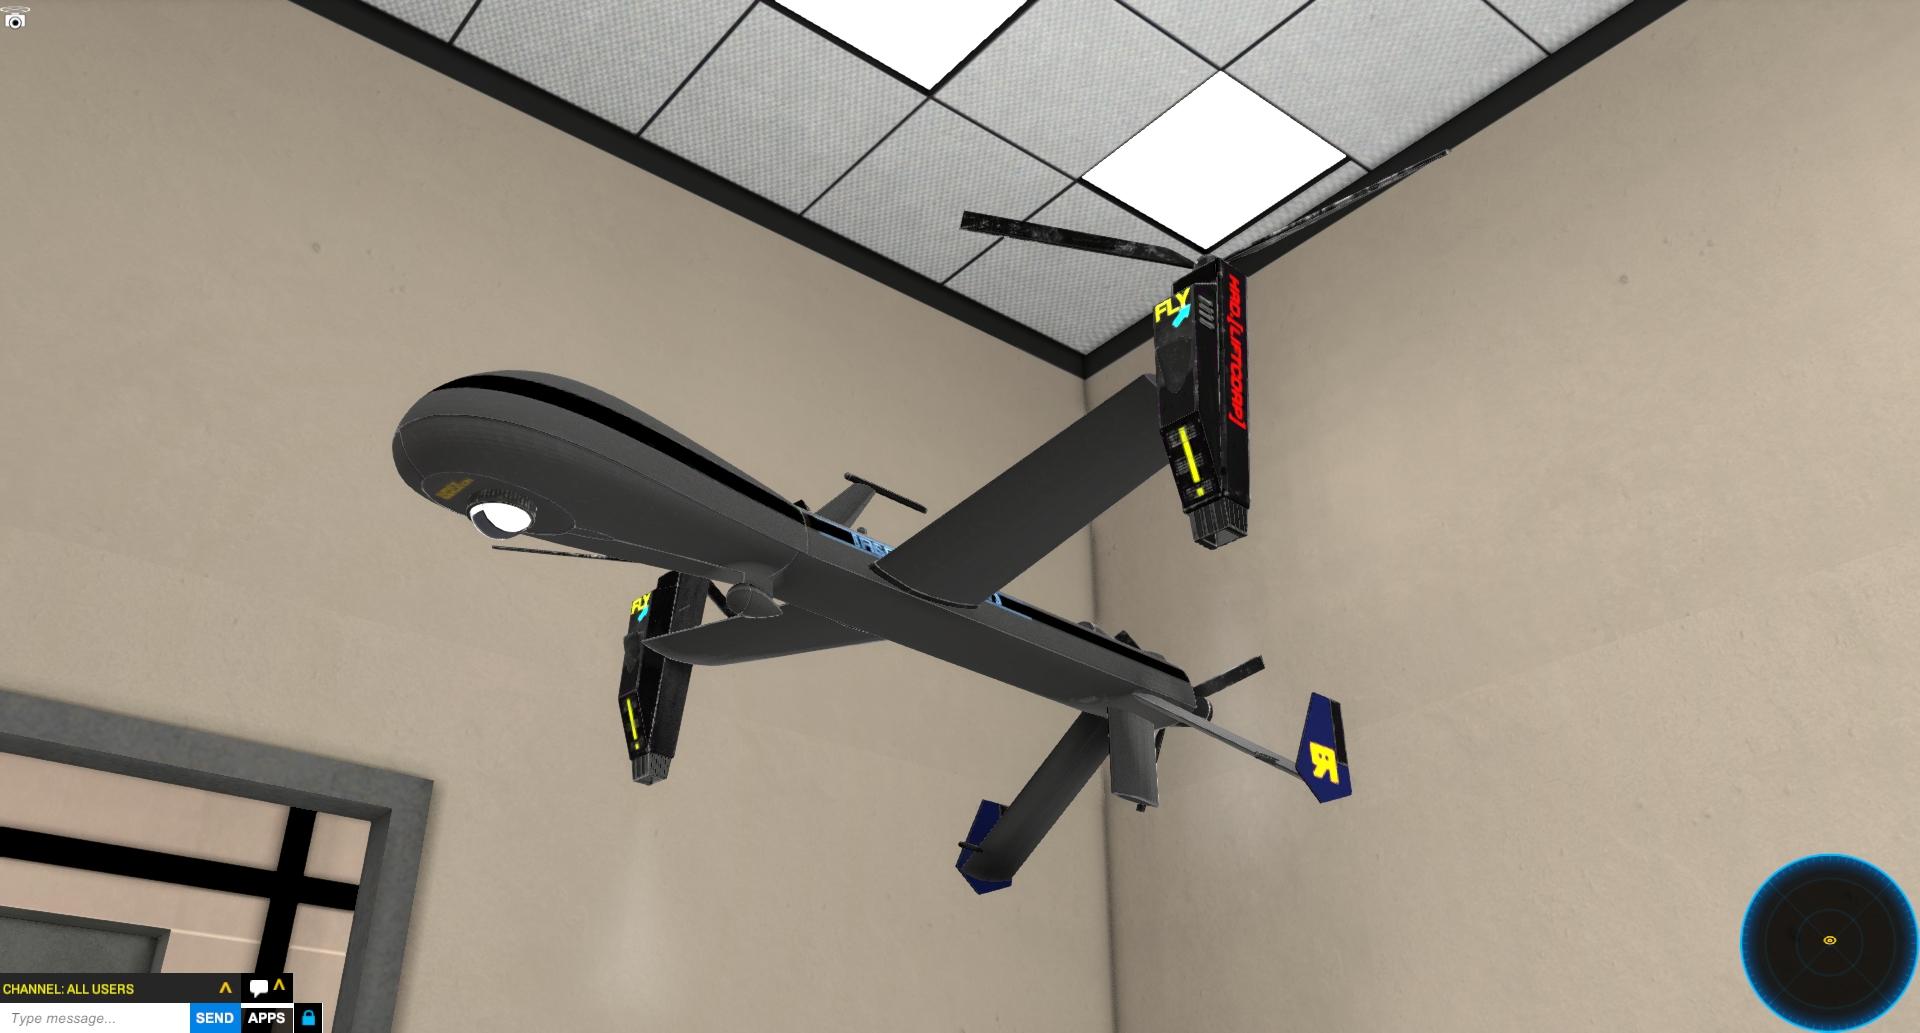 hliftflycam49622